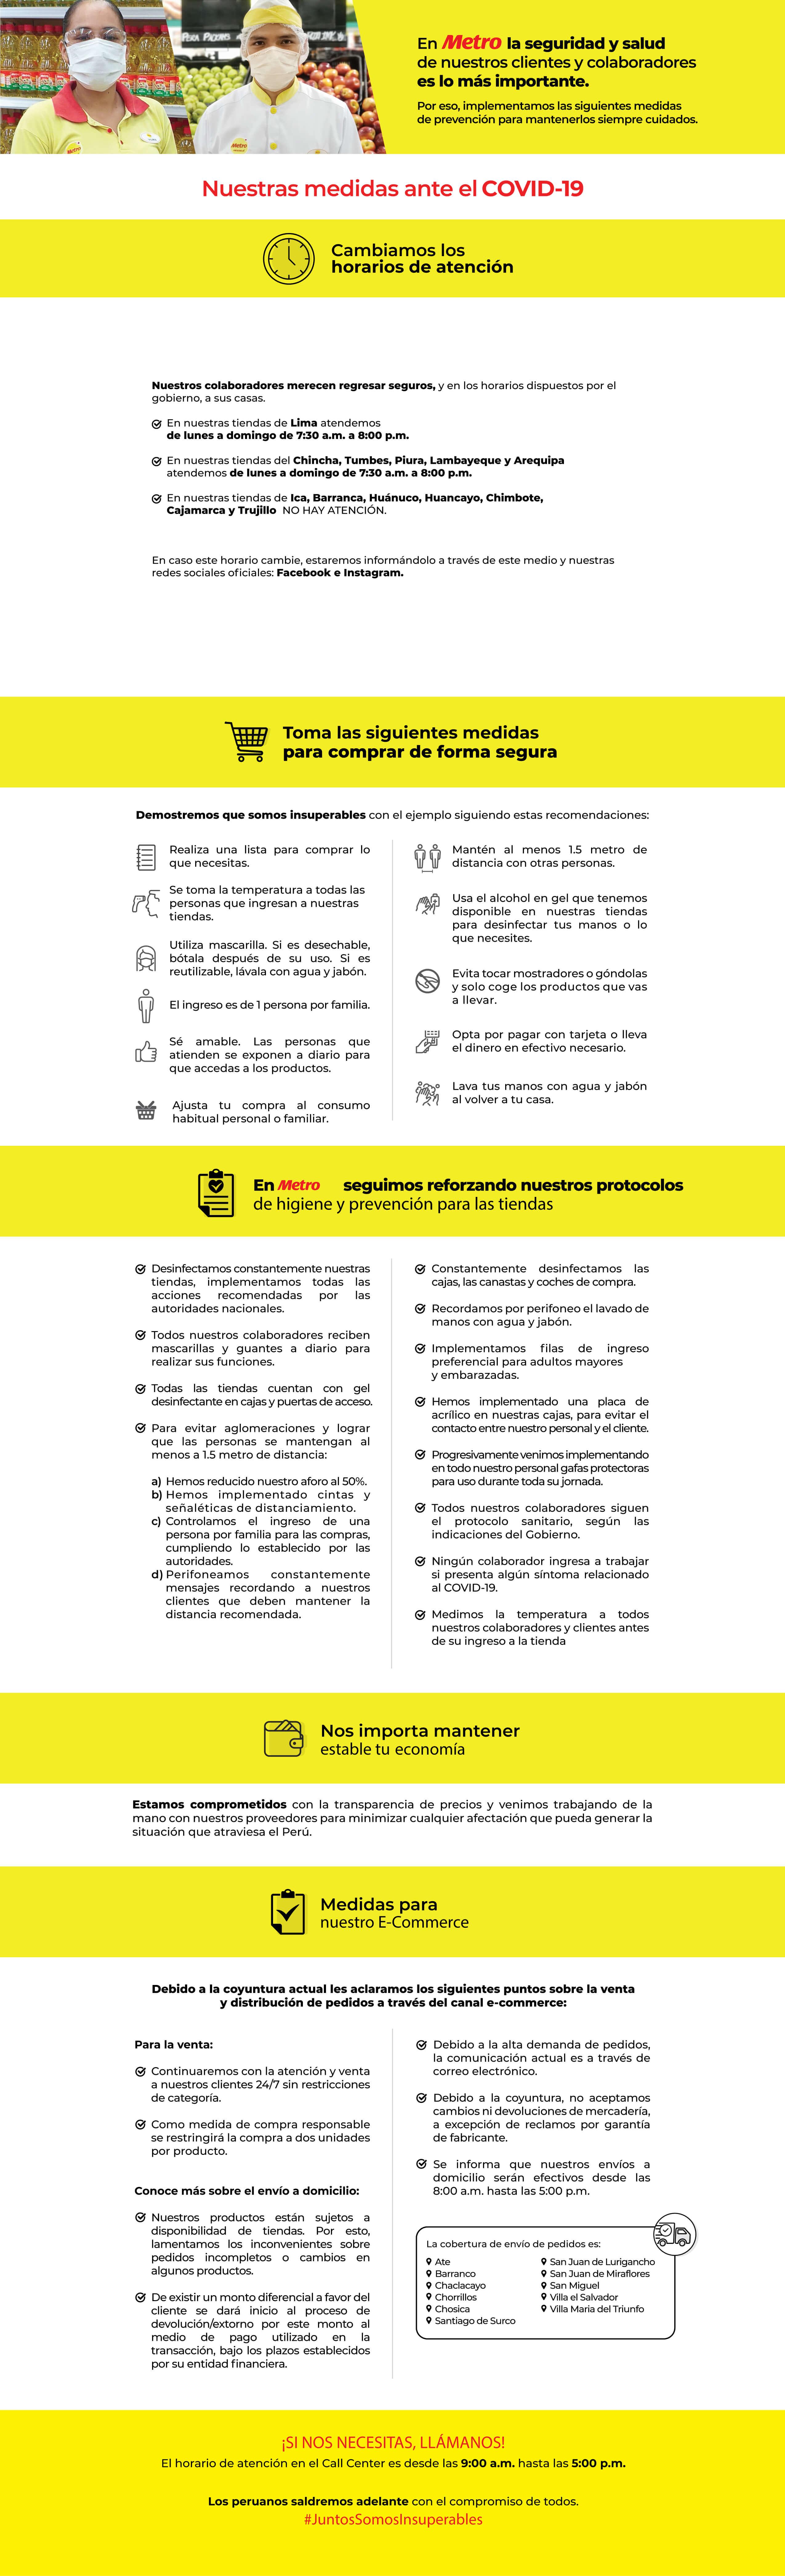 infografía medidas ante COVID-19